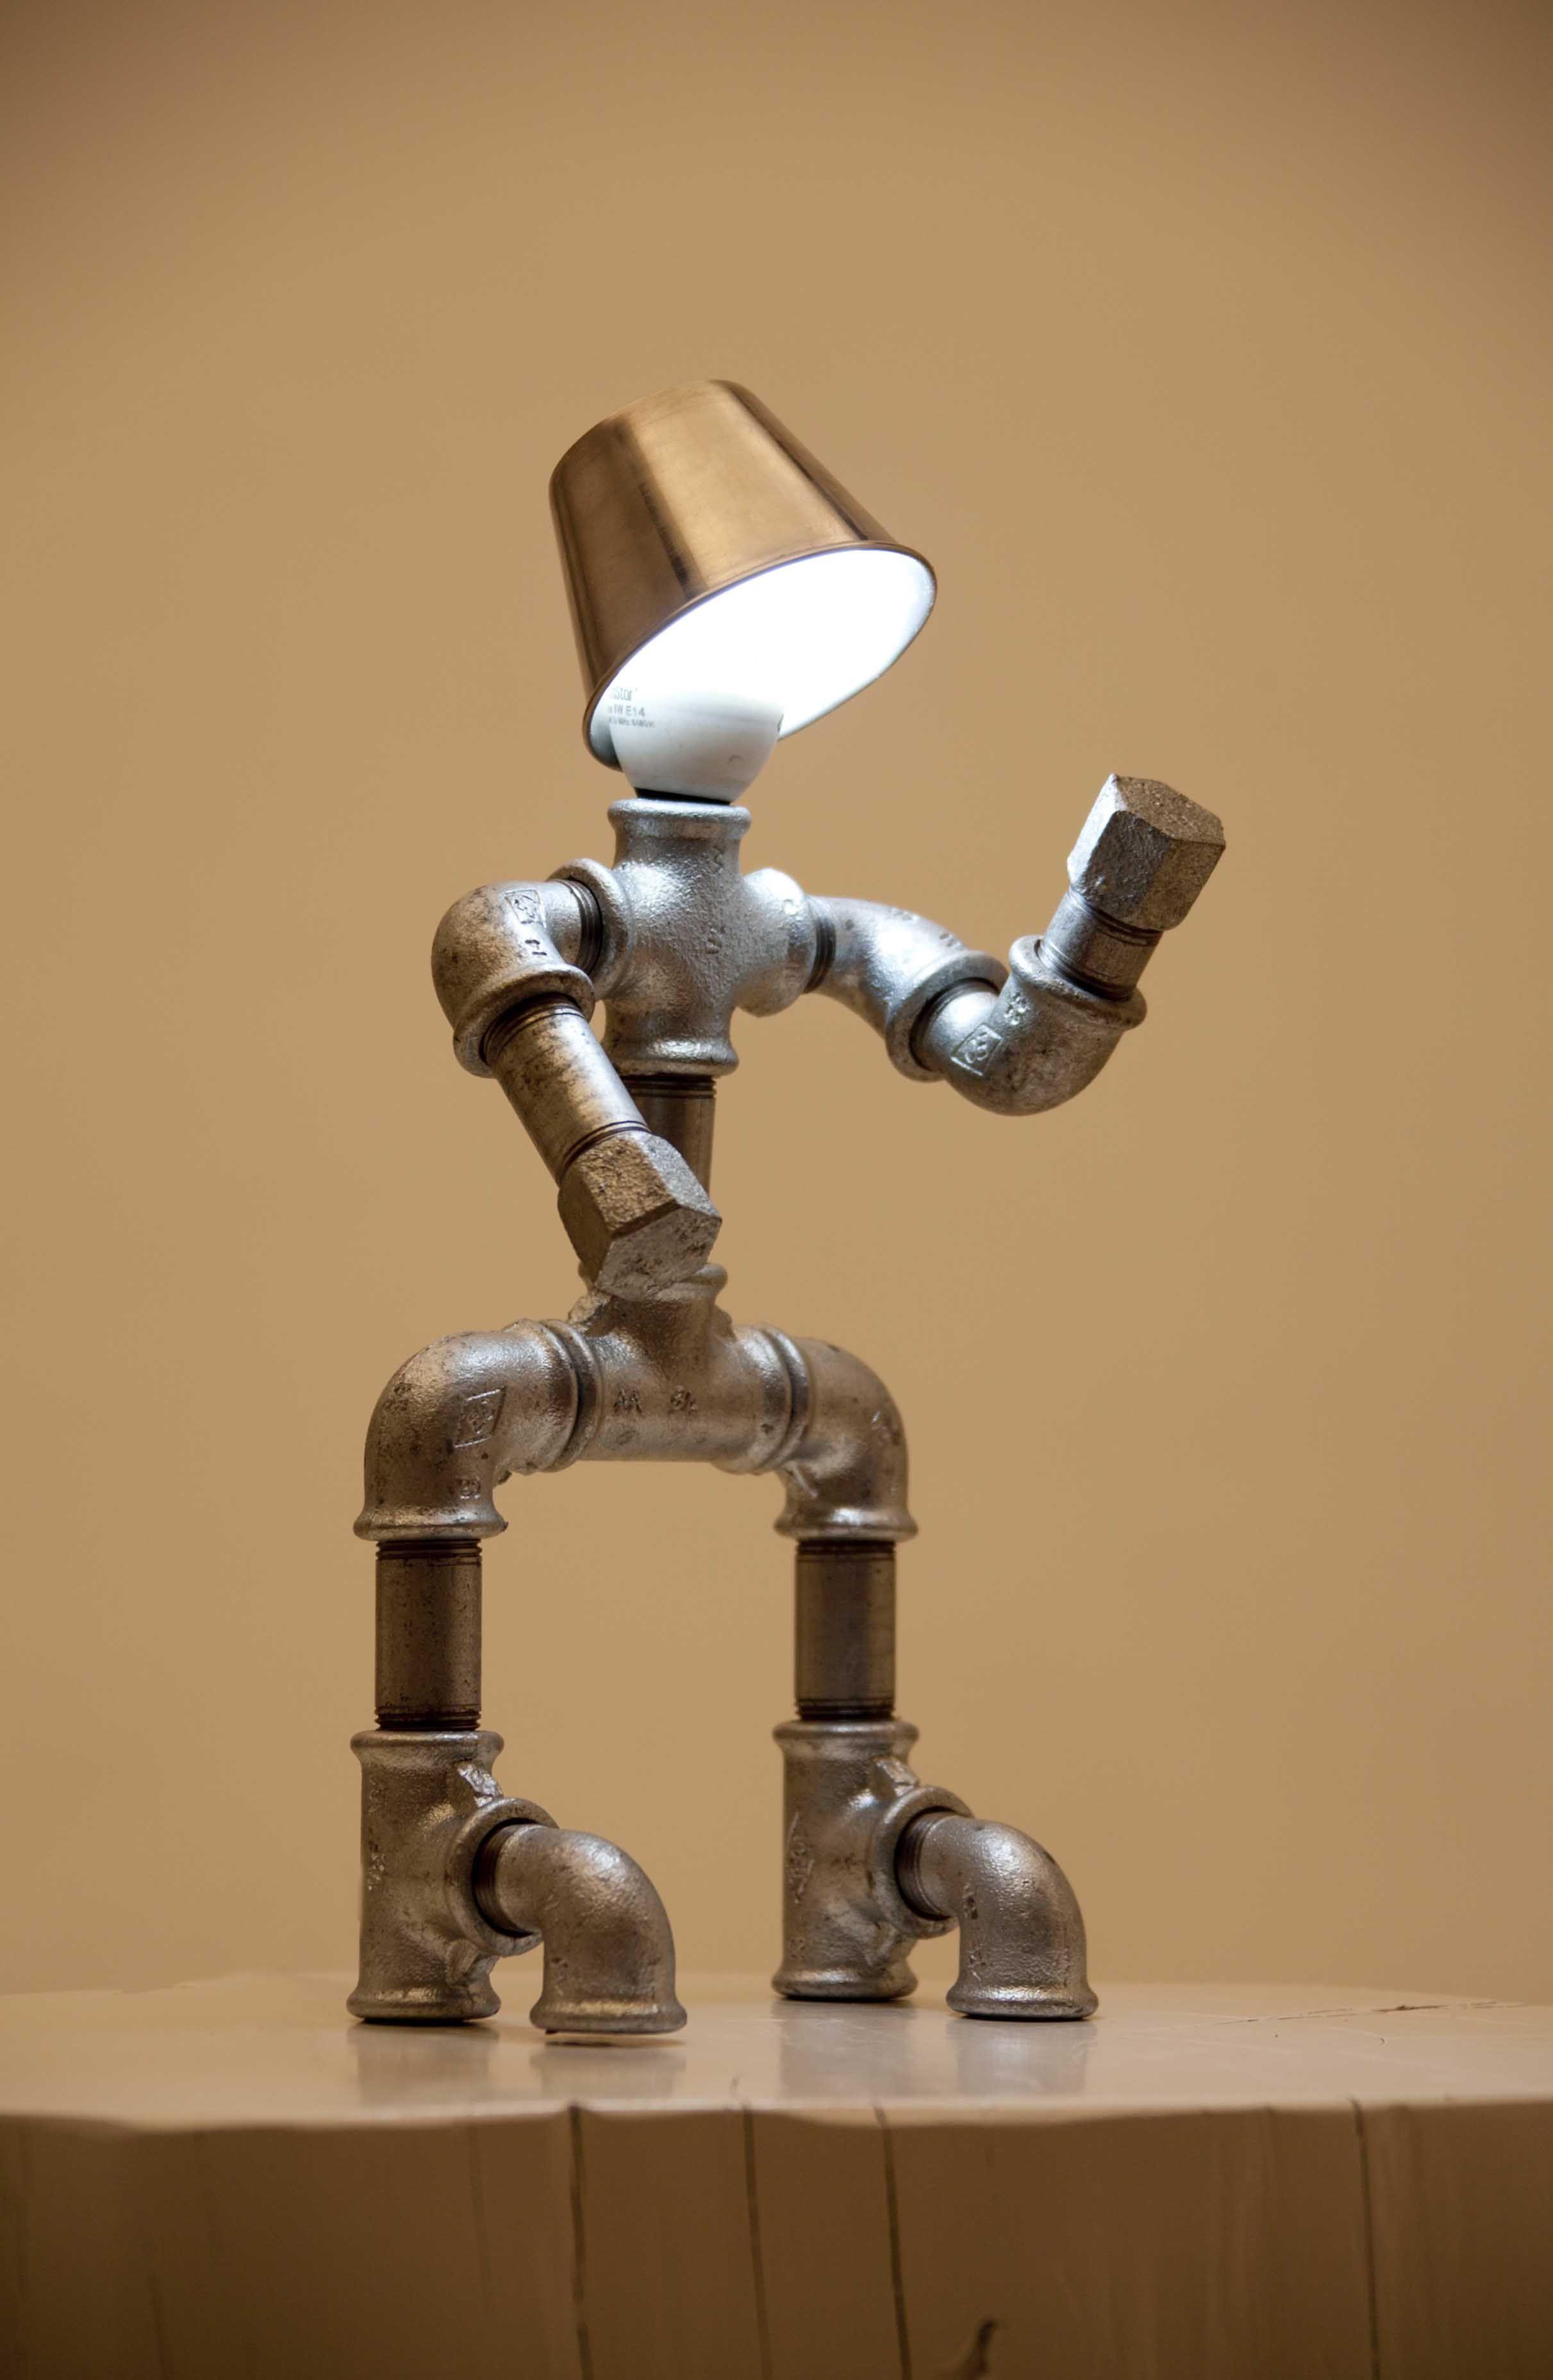 L mpara de arte industrial trabajado artesanal con - Tubos de fontaneria ...